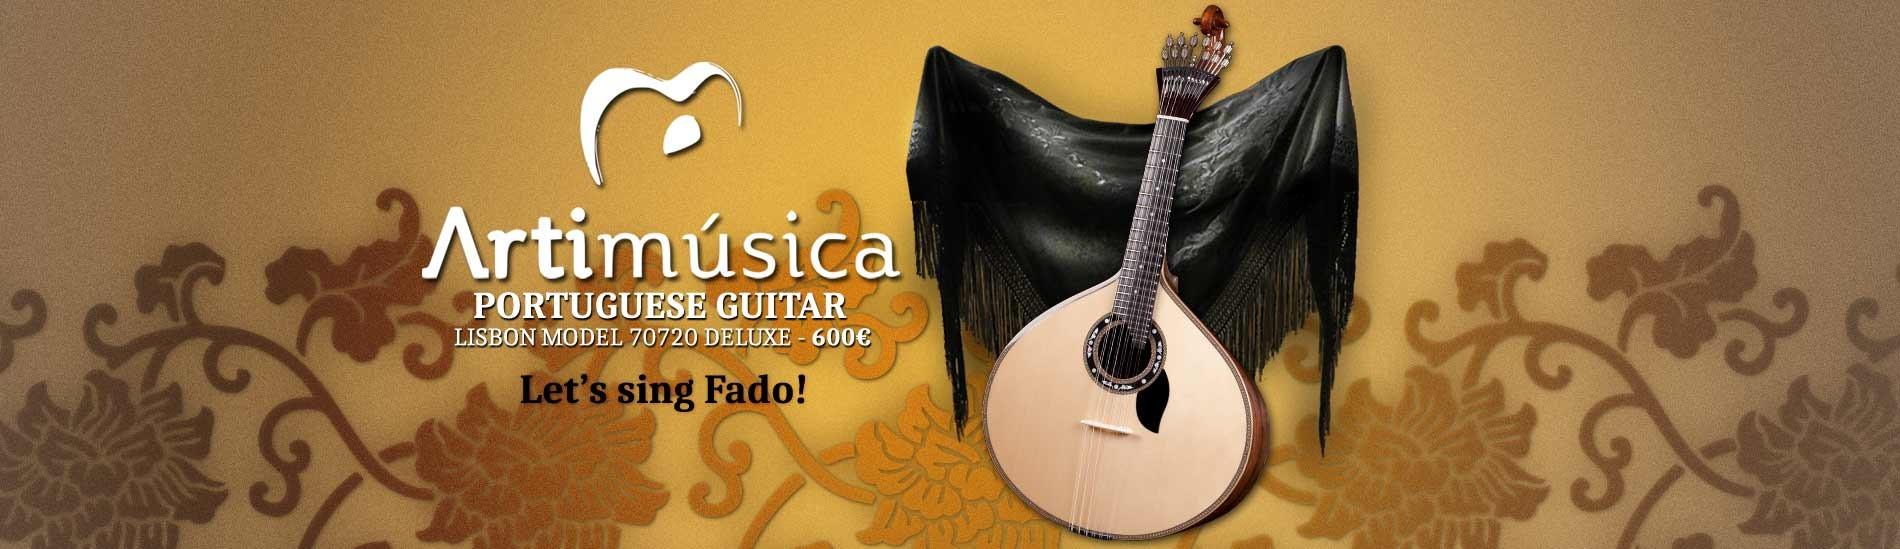 Artimúsica Lisbon Portuguese Guitar 70720 Deluxe